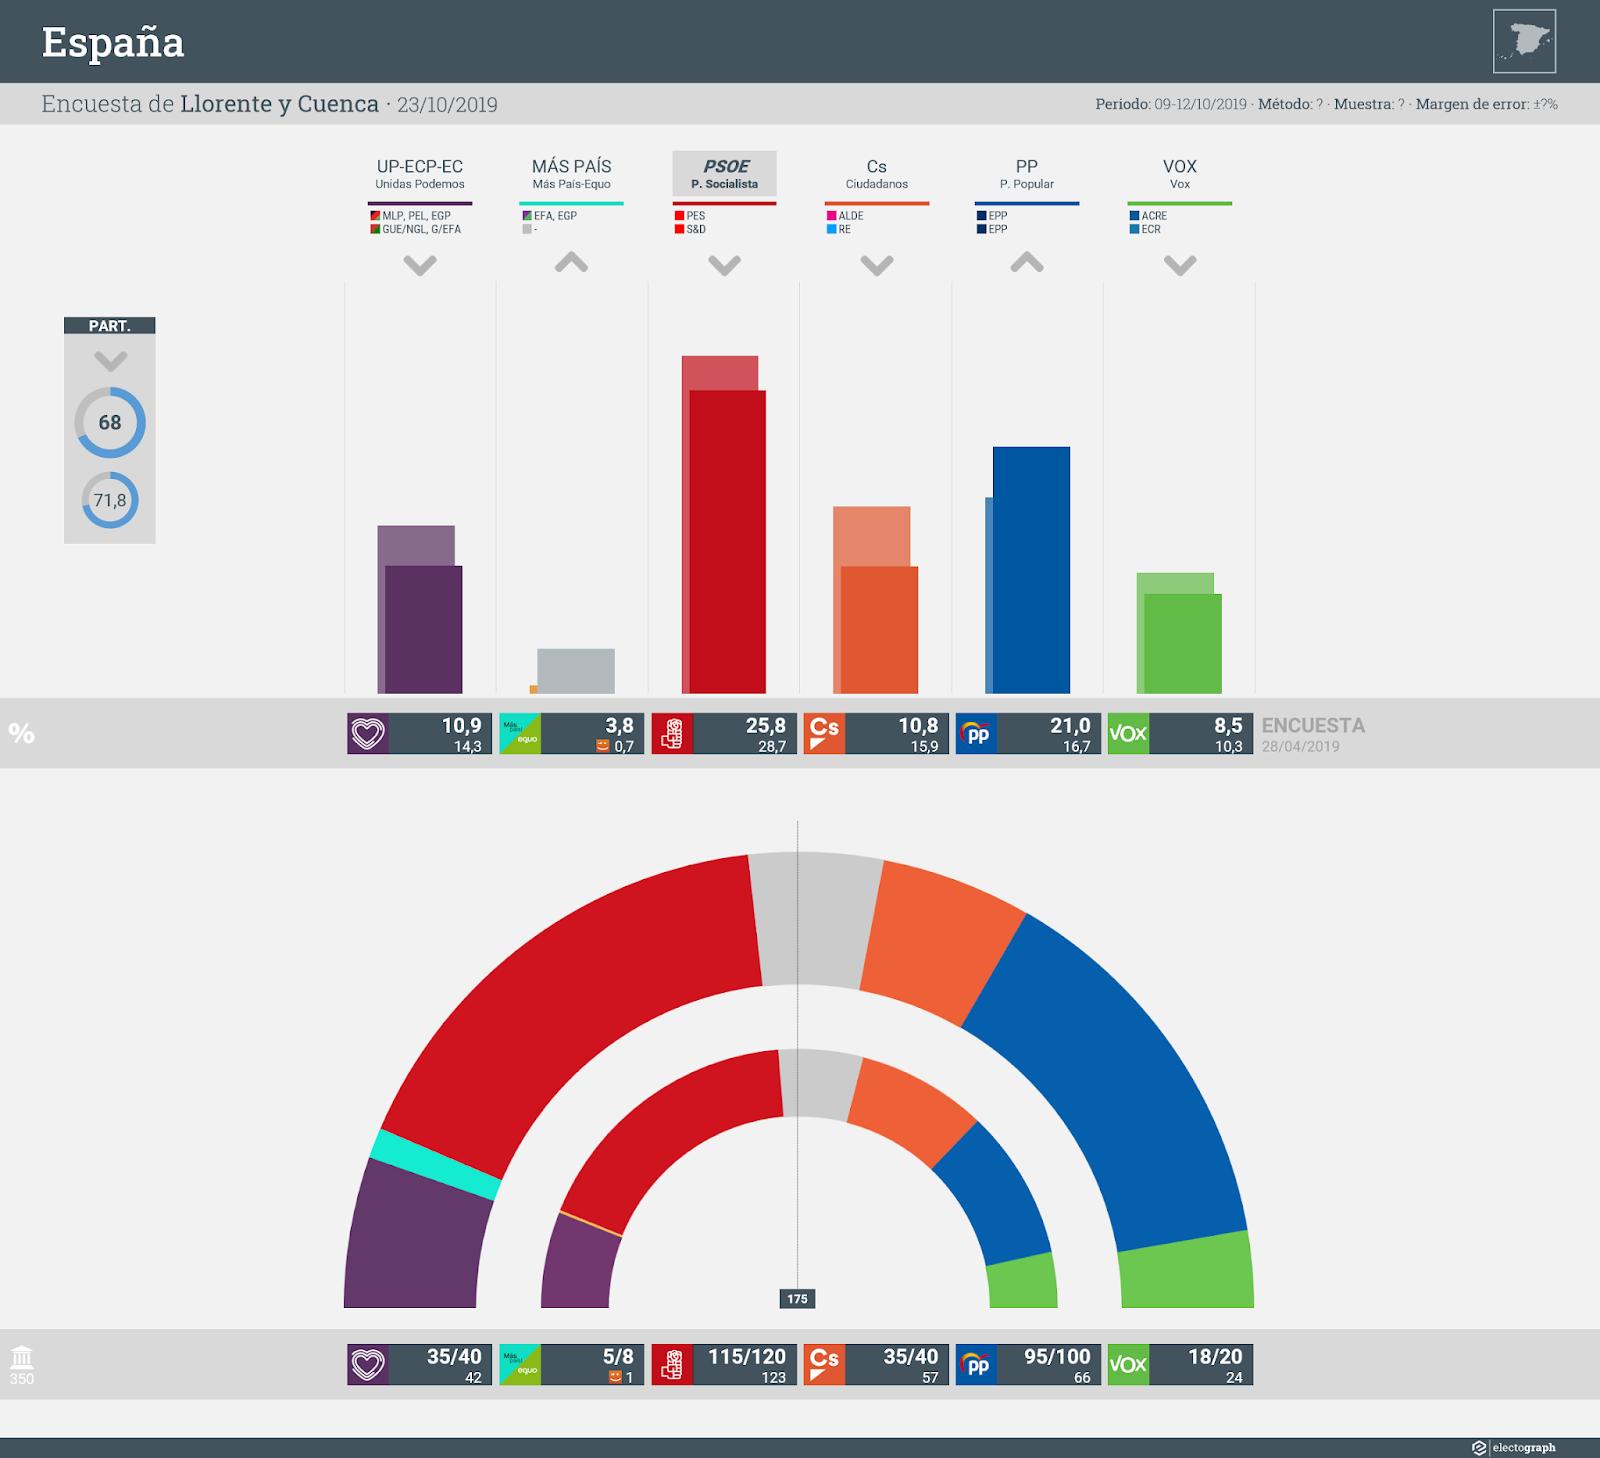 Gráfico de la encuesta para elecciones generales en España realizada por Llorente y Cuenca, 23 de octubre de 2019